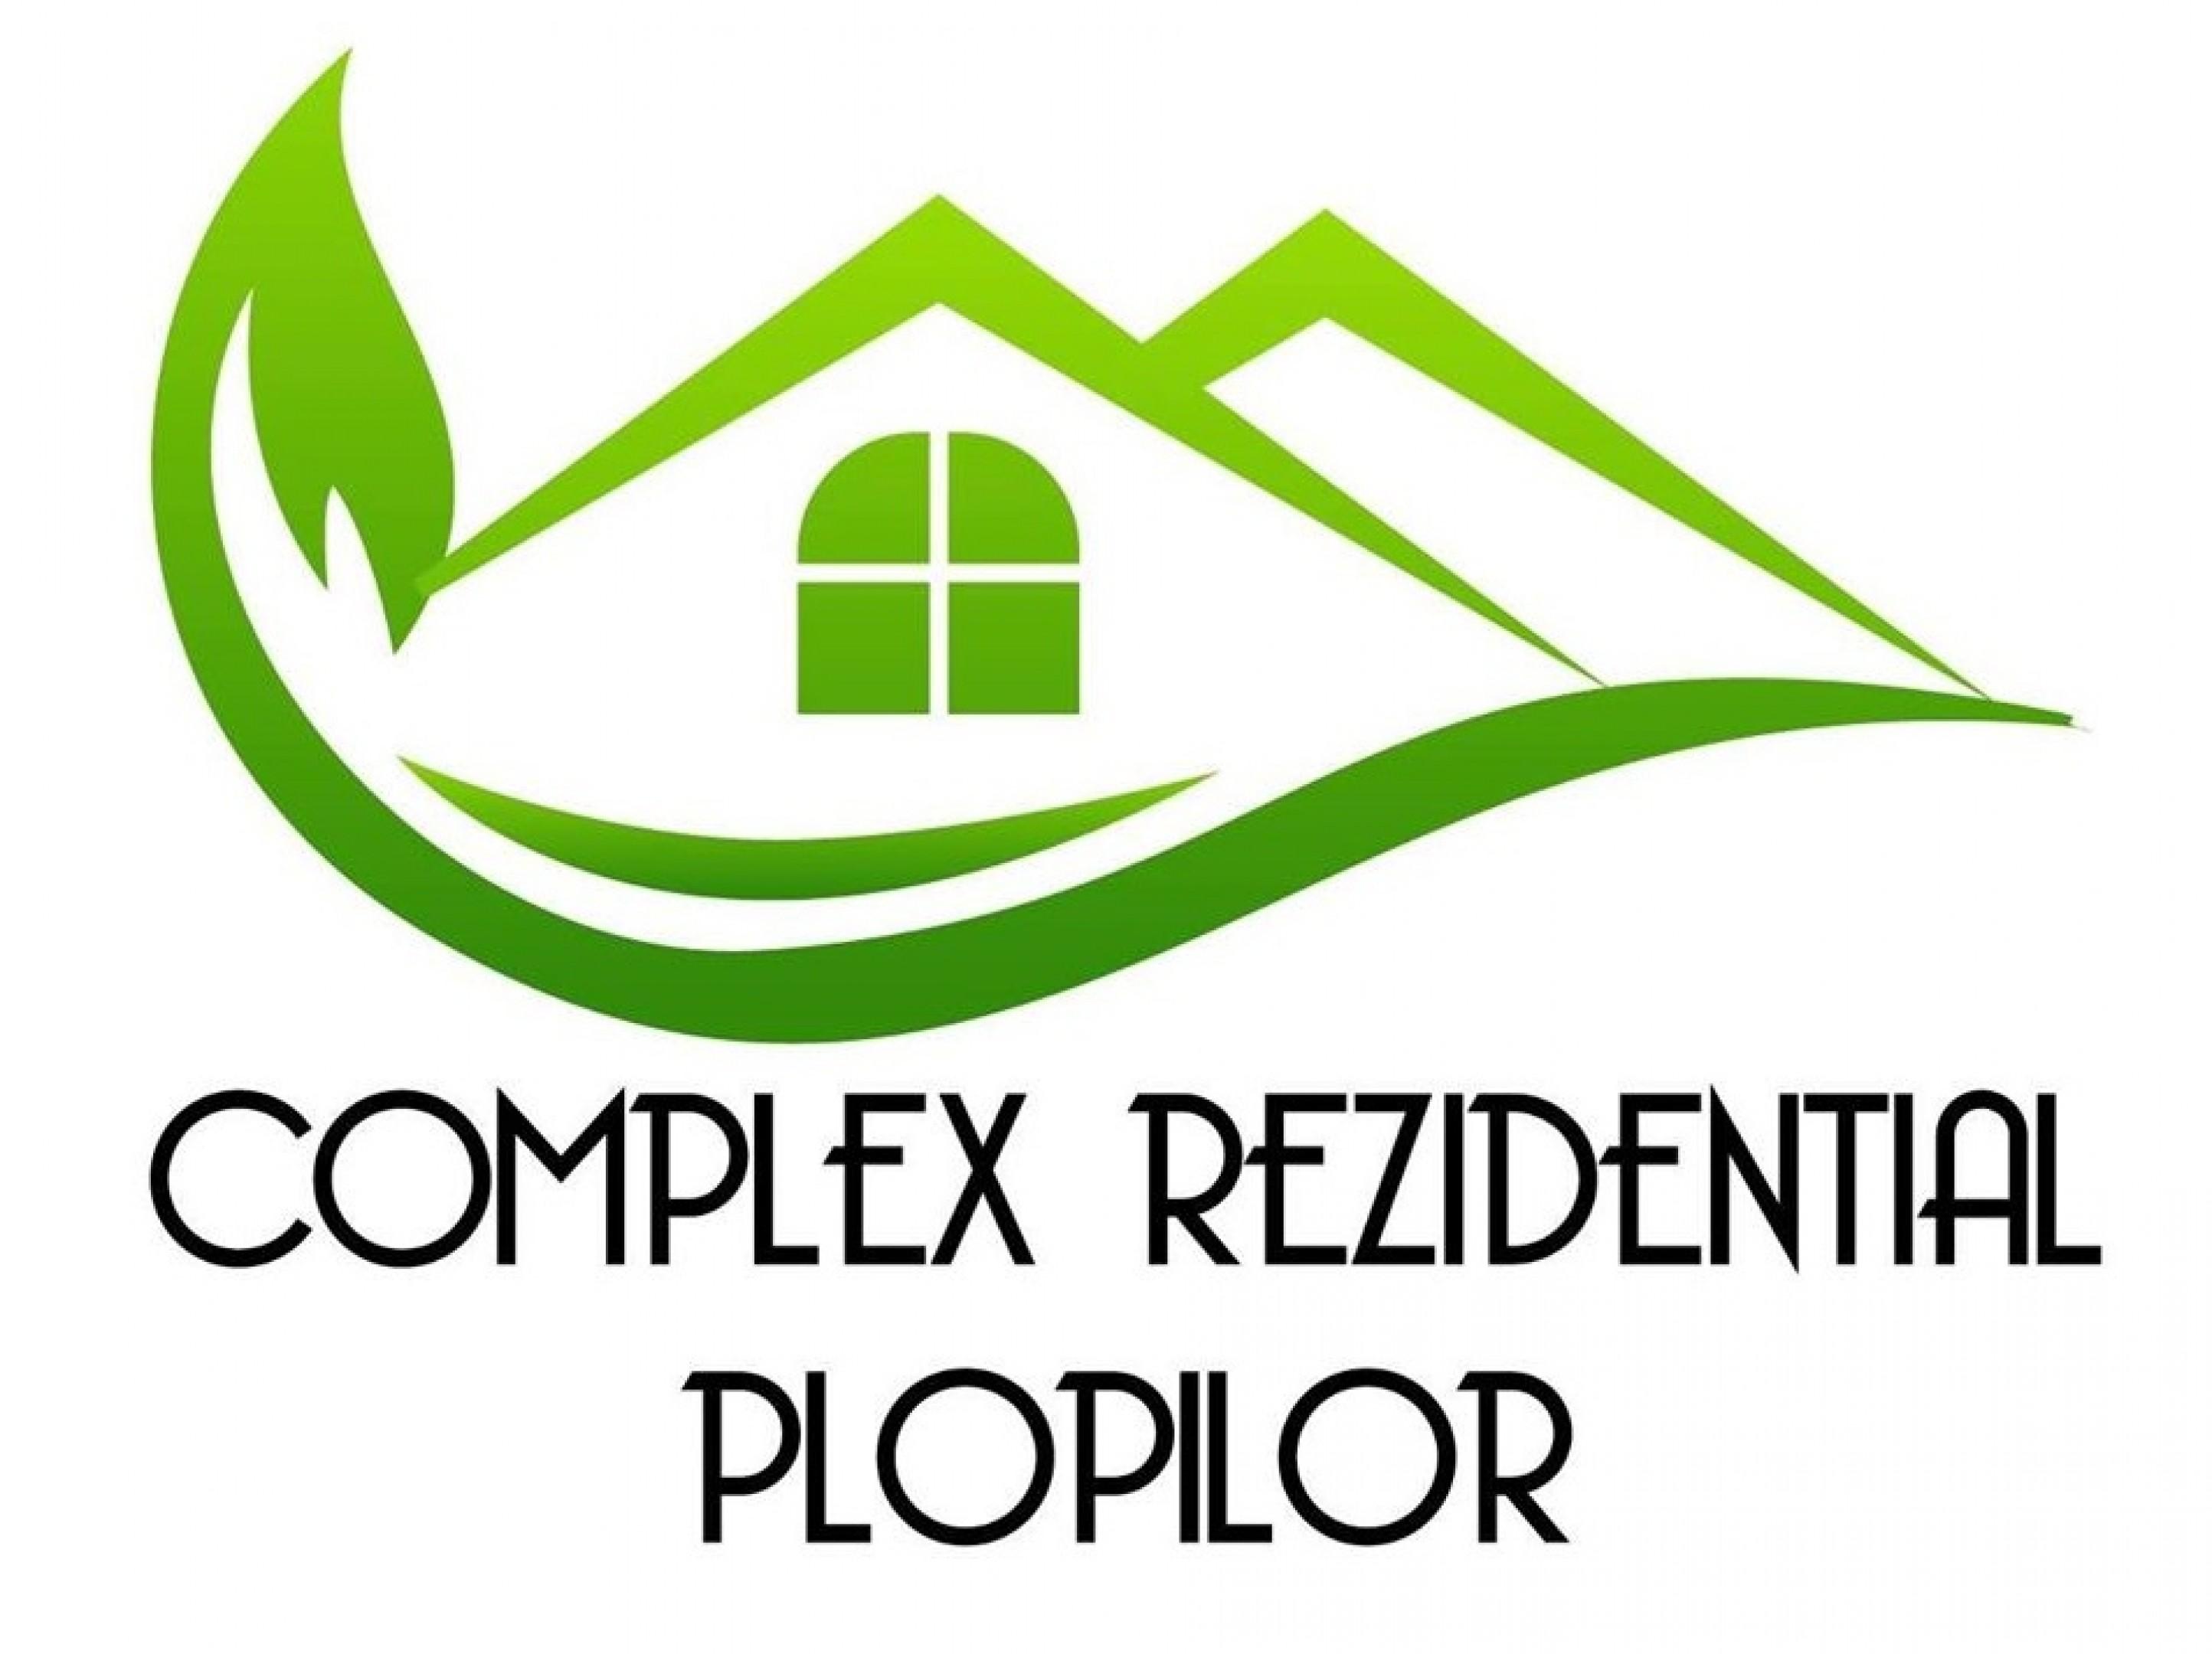 Complex Rezidential Plopilor